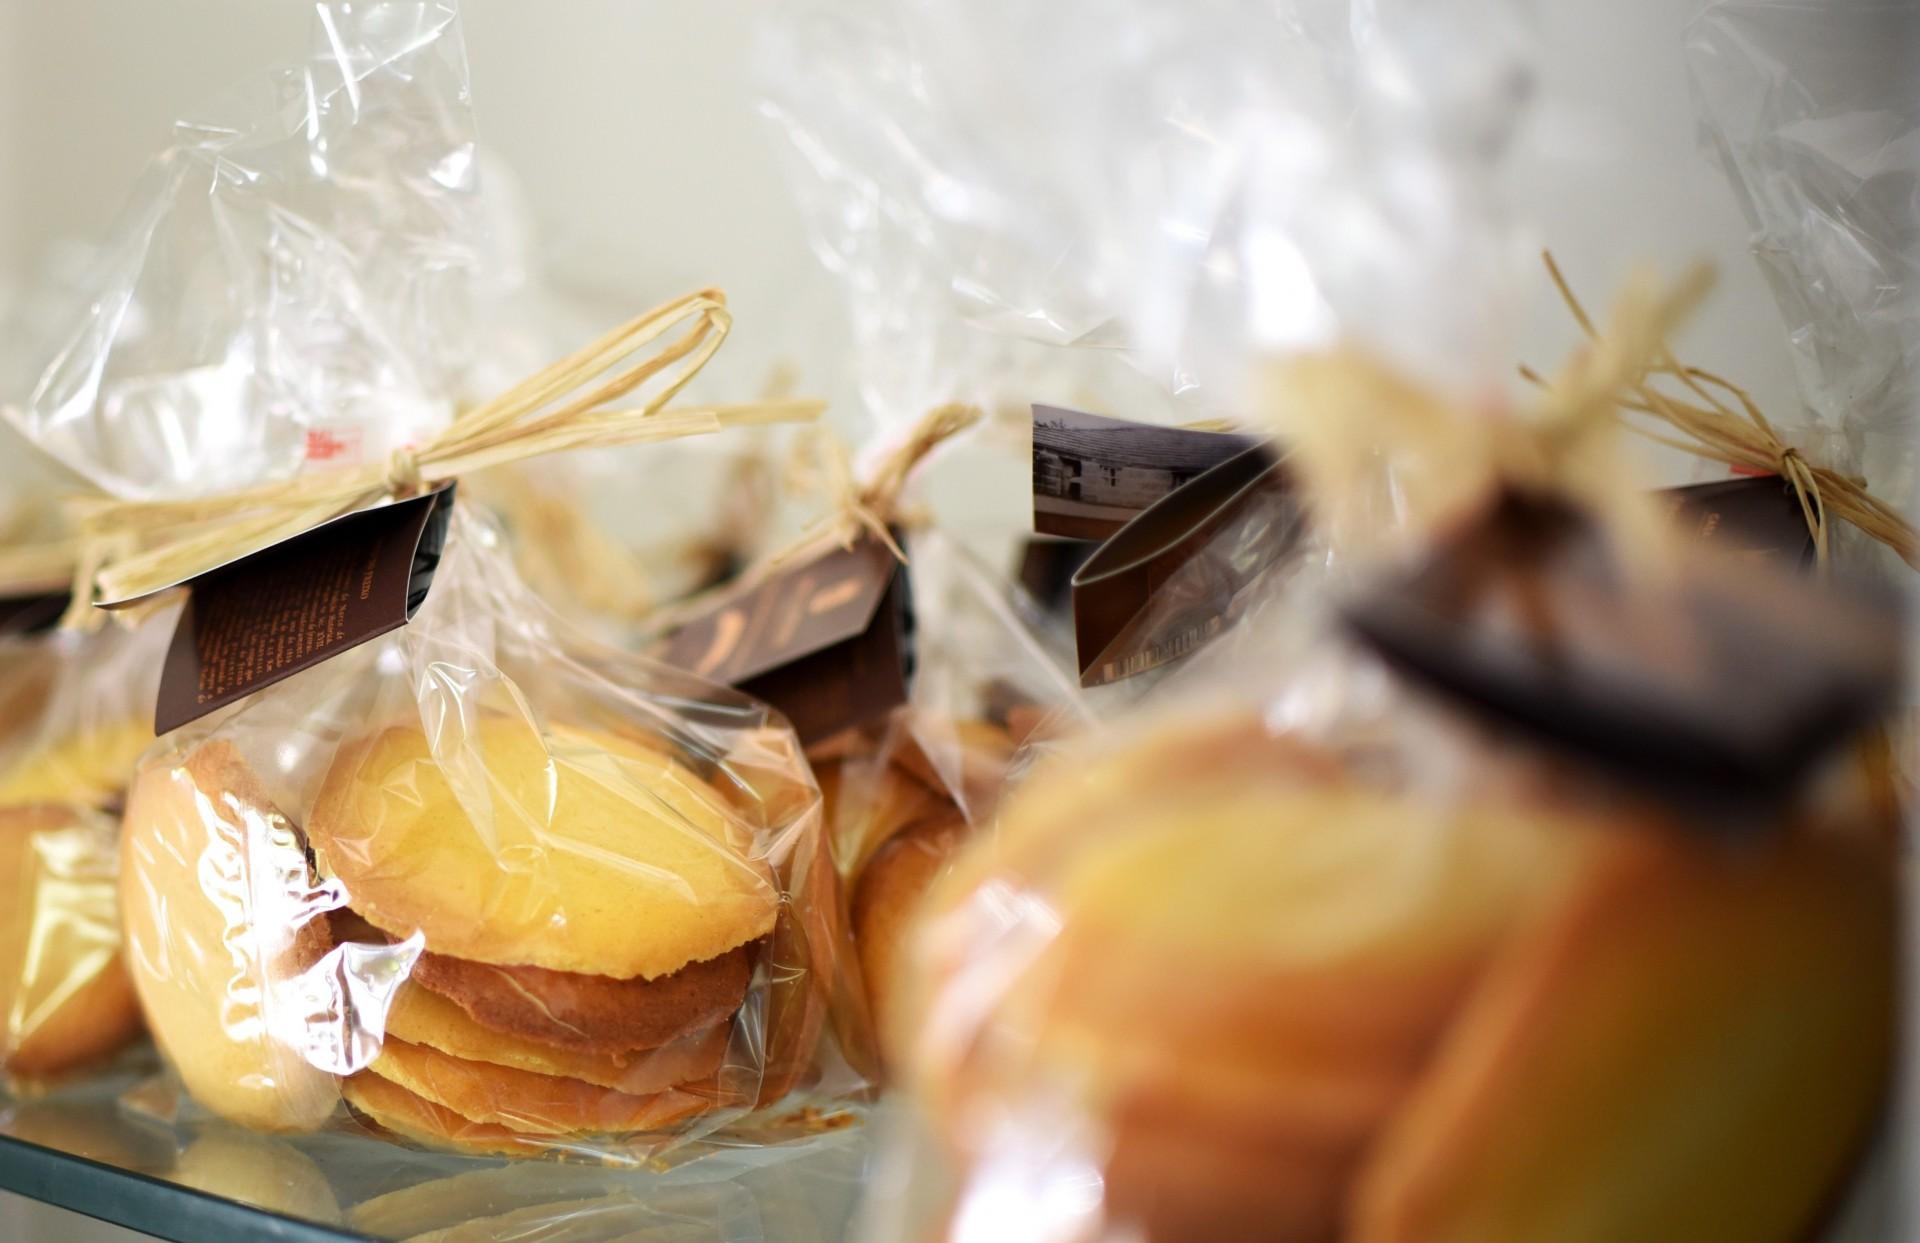 Biscoitos de Côco 190g | Doces do Freixo - Casa dos Lenteirões